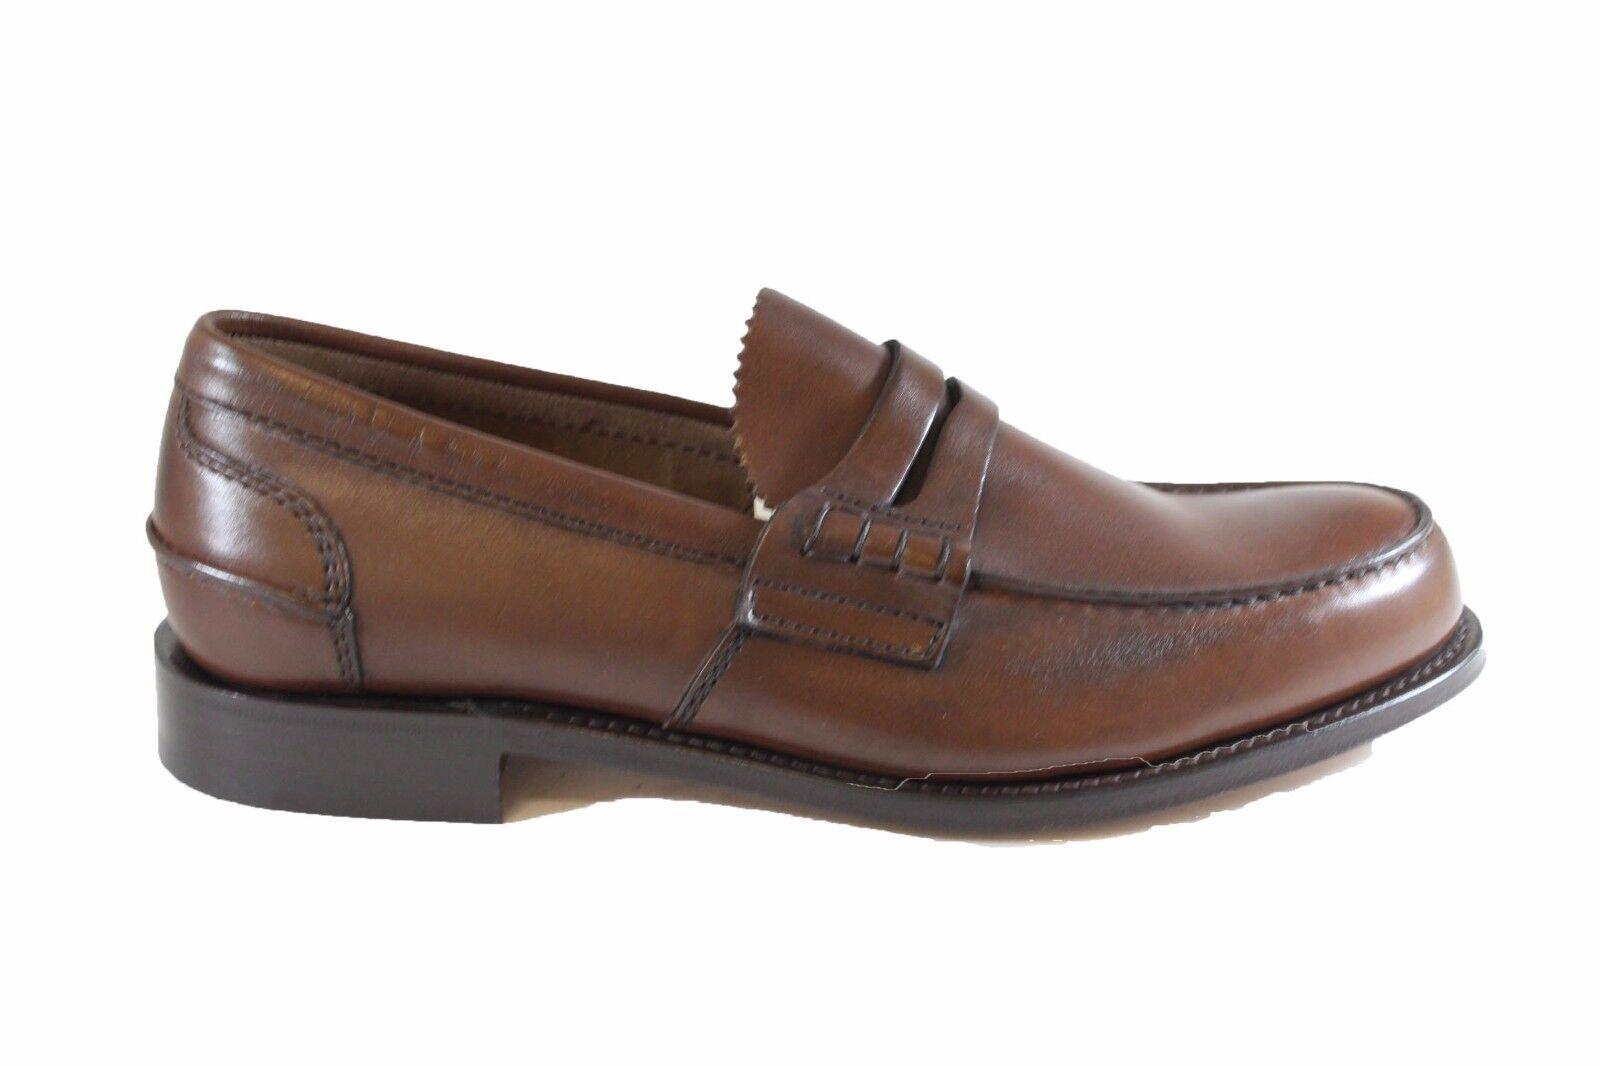 CHURCH'S Pembrey Bookbinder Cognac mocassino in pelle spazzolata Scarpe classiche da uomo